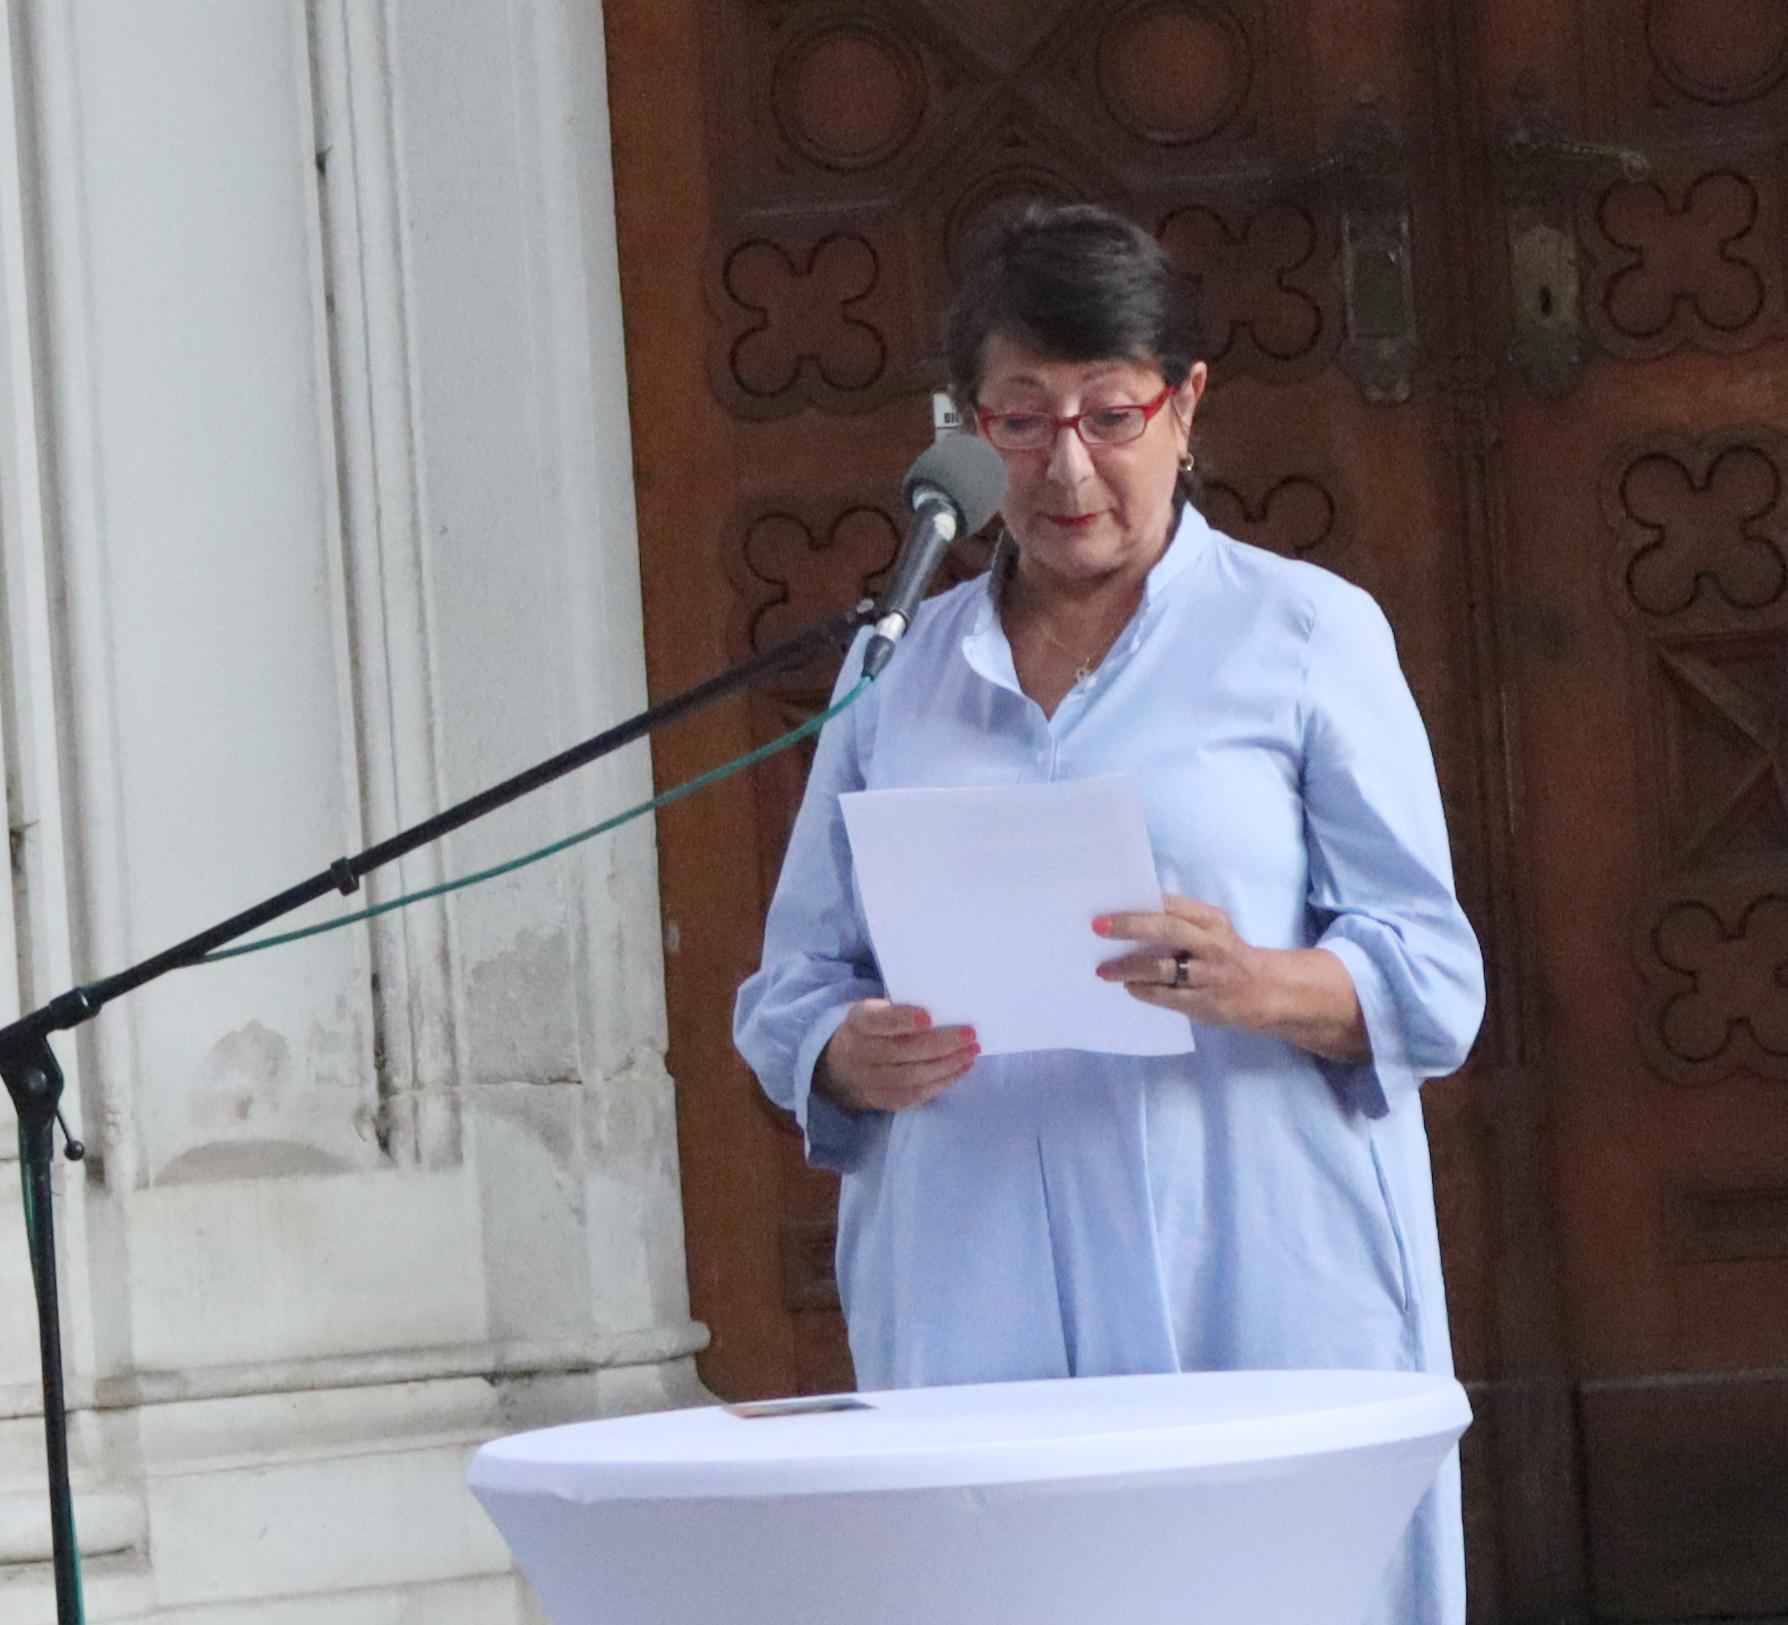 Vizepräsidentin der Israelitischen Kulturgemeinschaft, Claudia Prutscher